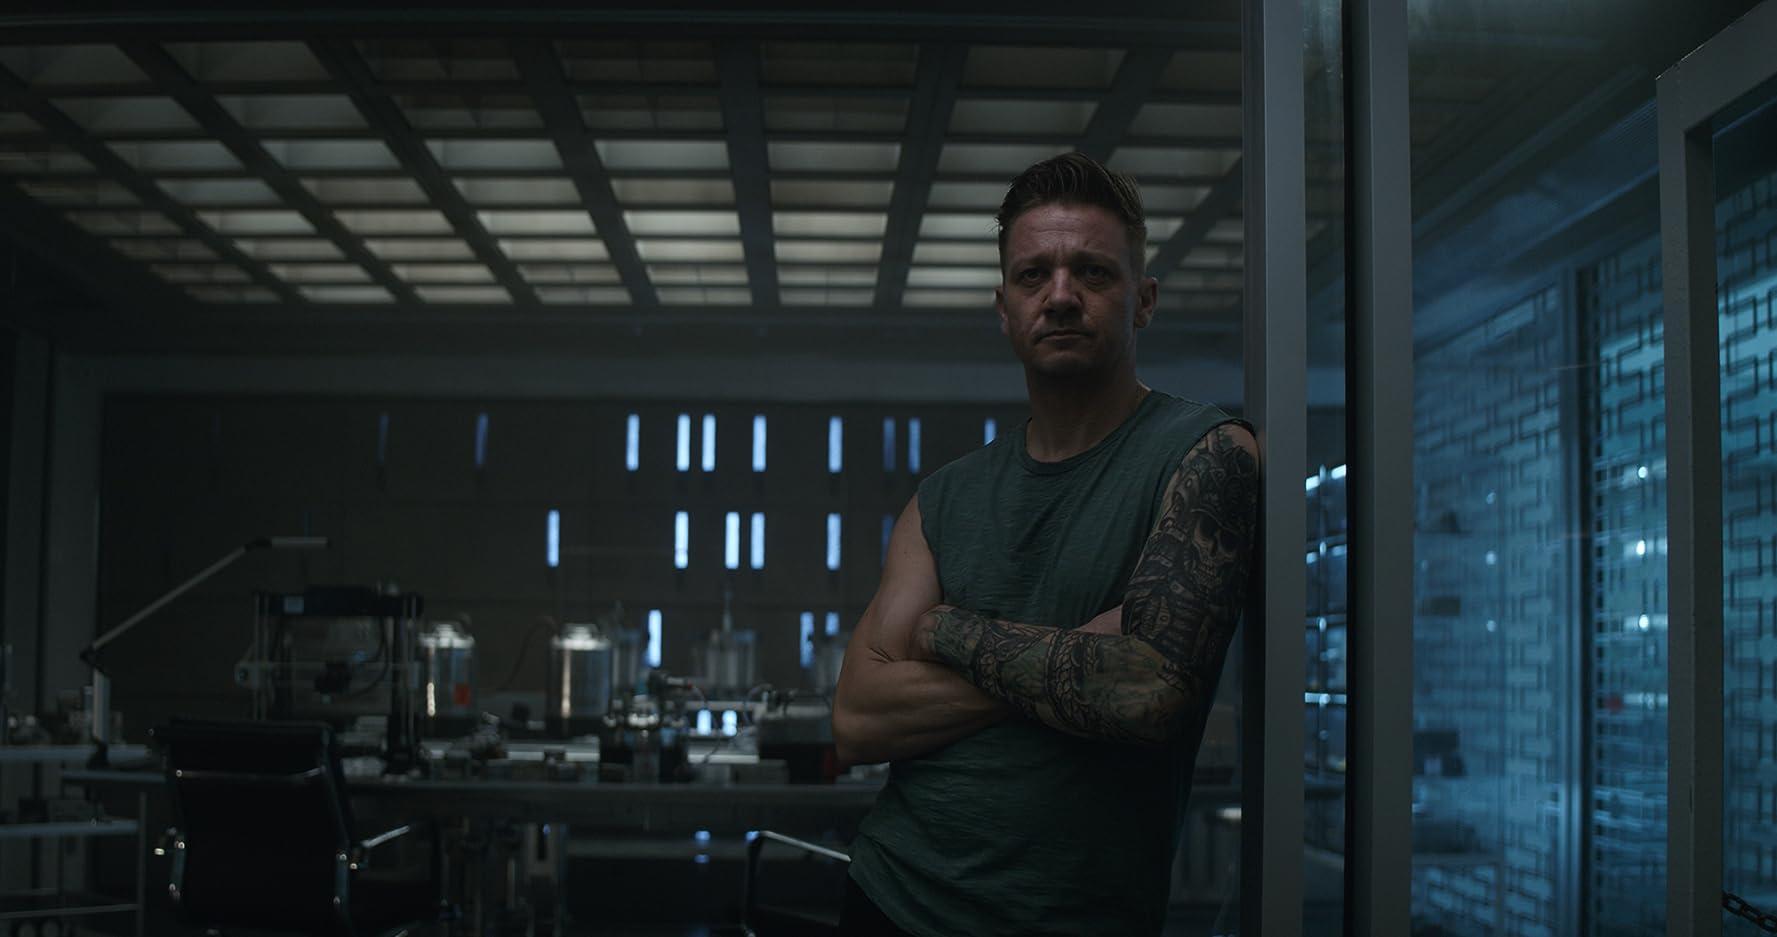 Jeremy Renner in Avengers: Endgame (2019)